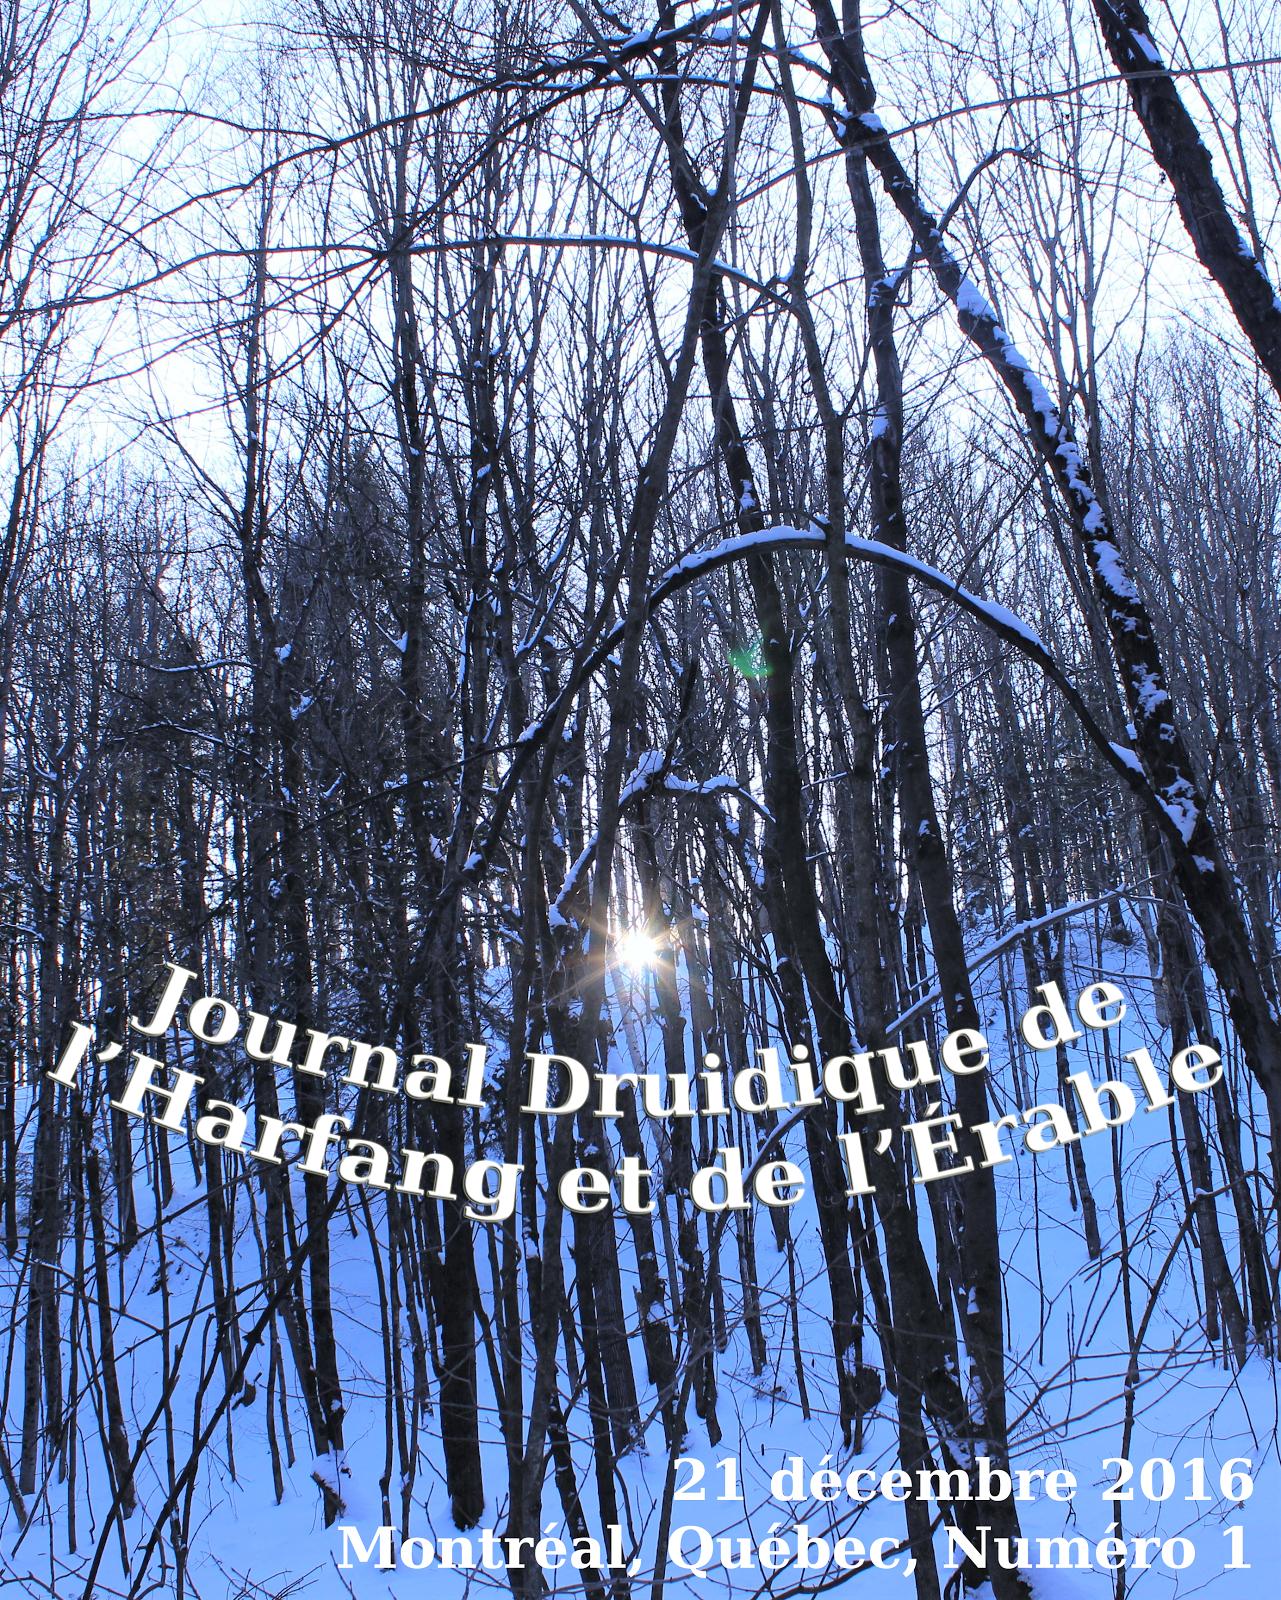 Journal Druidique de l'Harfang et de l'Érable